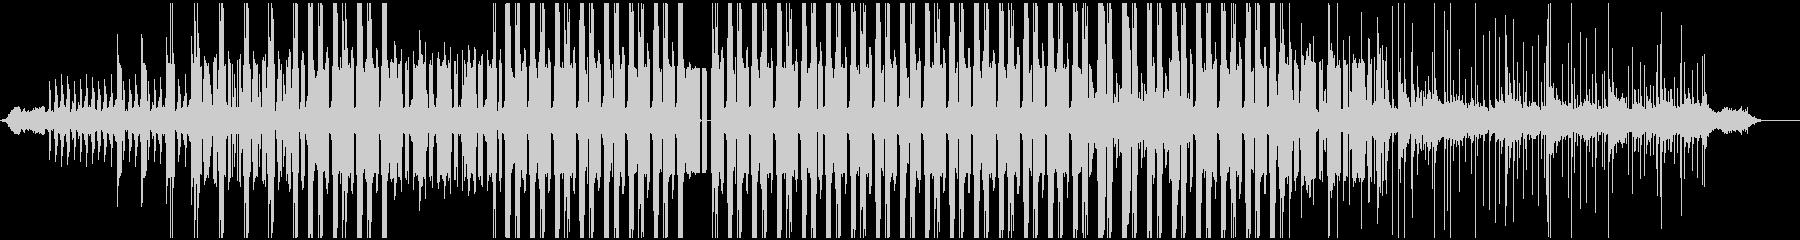 カリンバ音を使用した不思議なイメージの未再生の波形